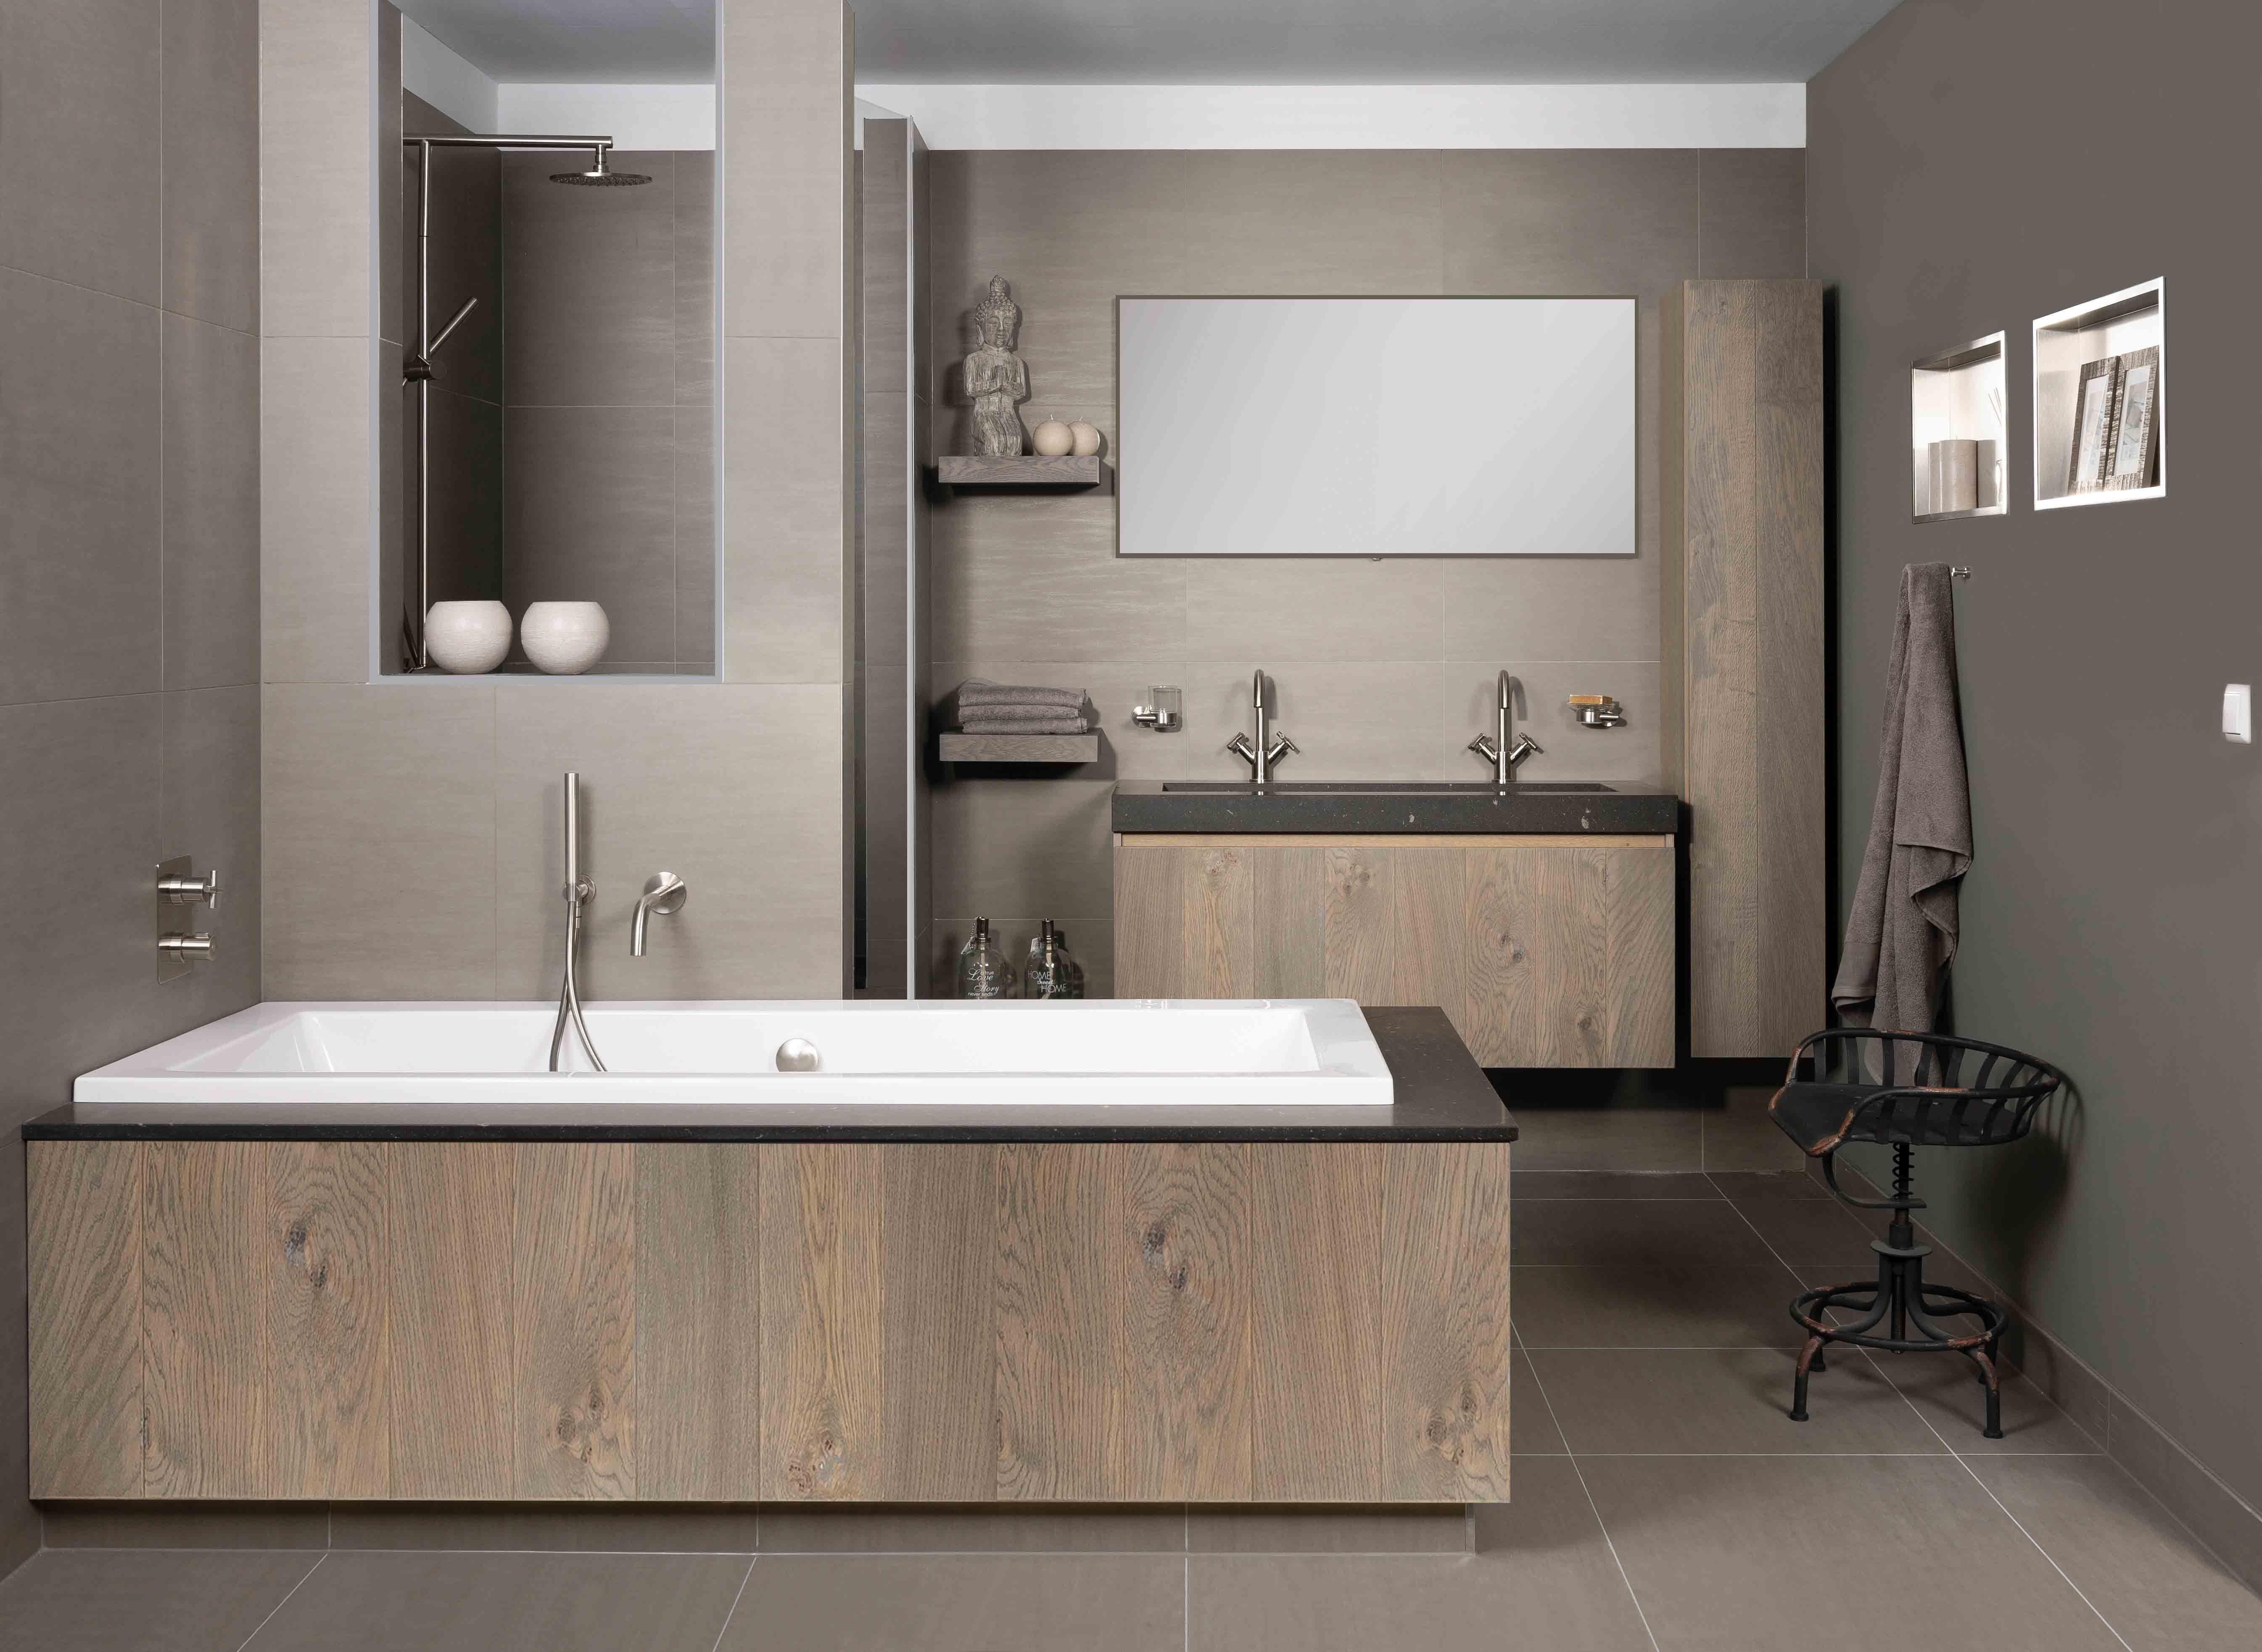 24 Ideeen Over Grando Hoogvliet Keukens Keuken Keuken Inspiratie